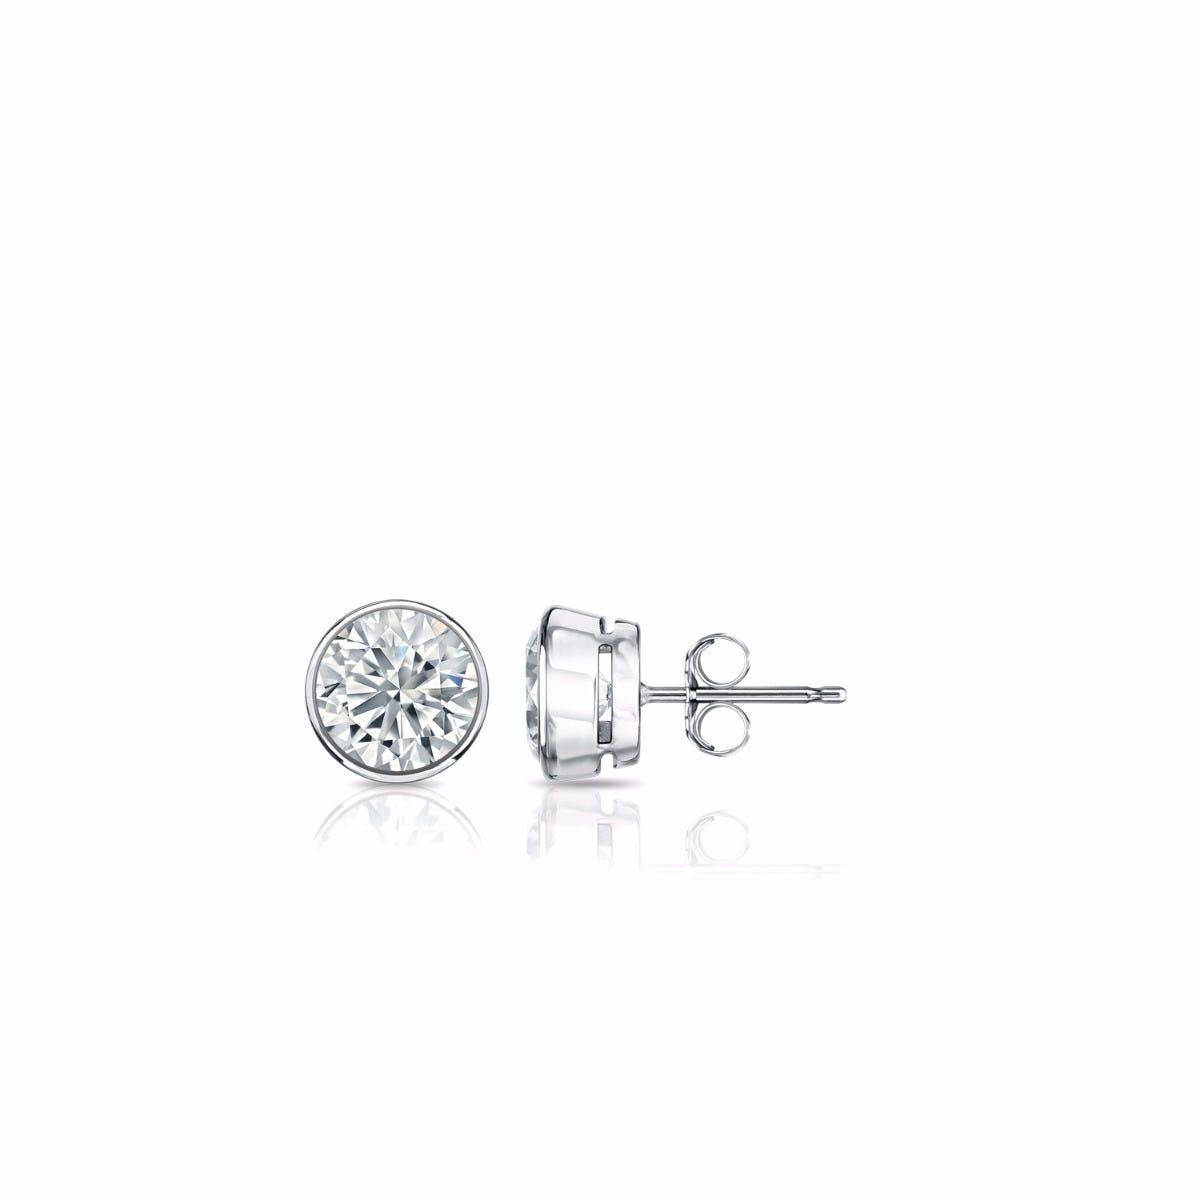 Bezel-Set Round 1/10ctw. Diamond Solitaire Stud Earrings (IJ, I2) in 14K White Gold